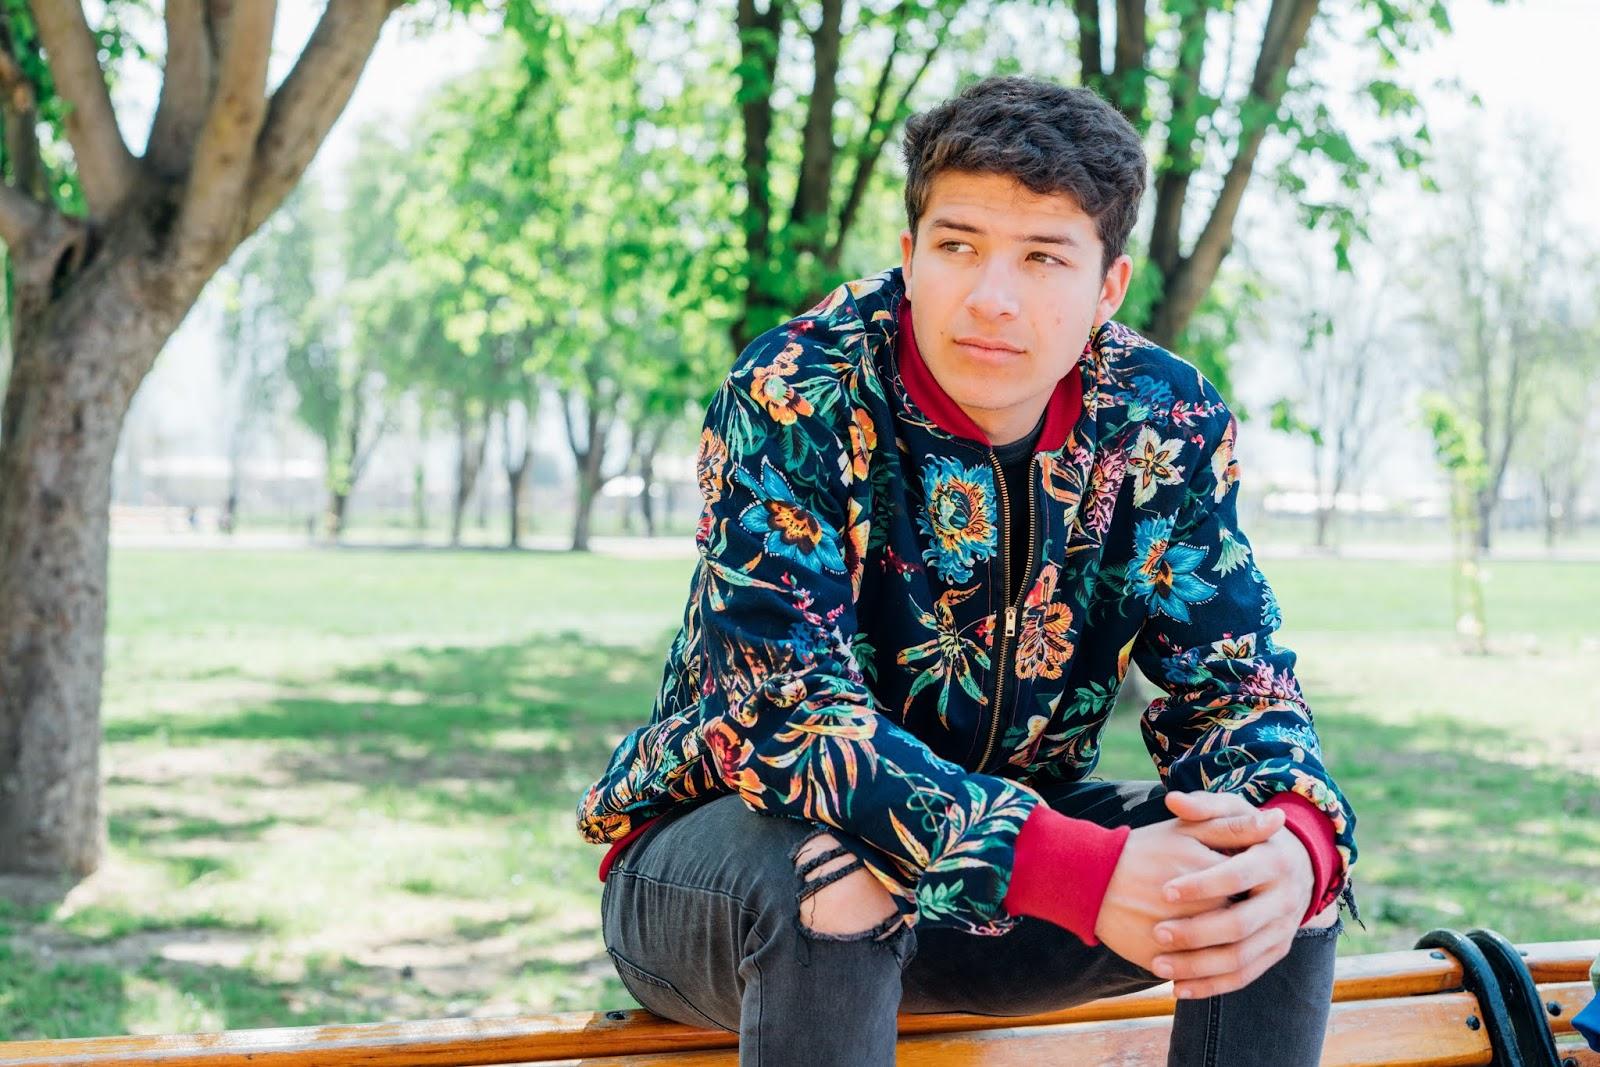 BARTOLO trae la música del mundo a su nueva colección primavera/verano.